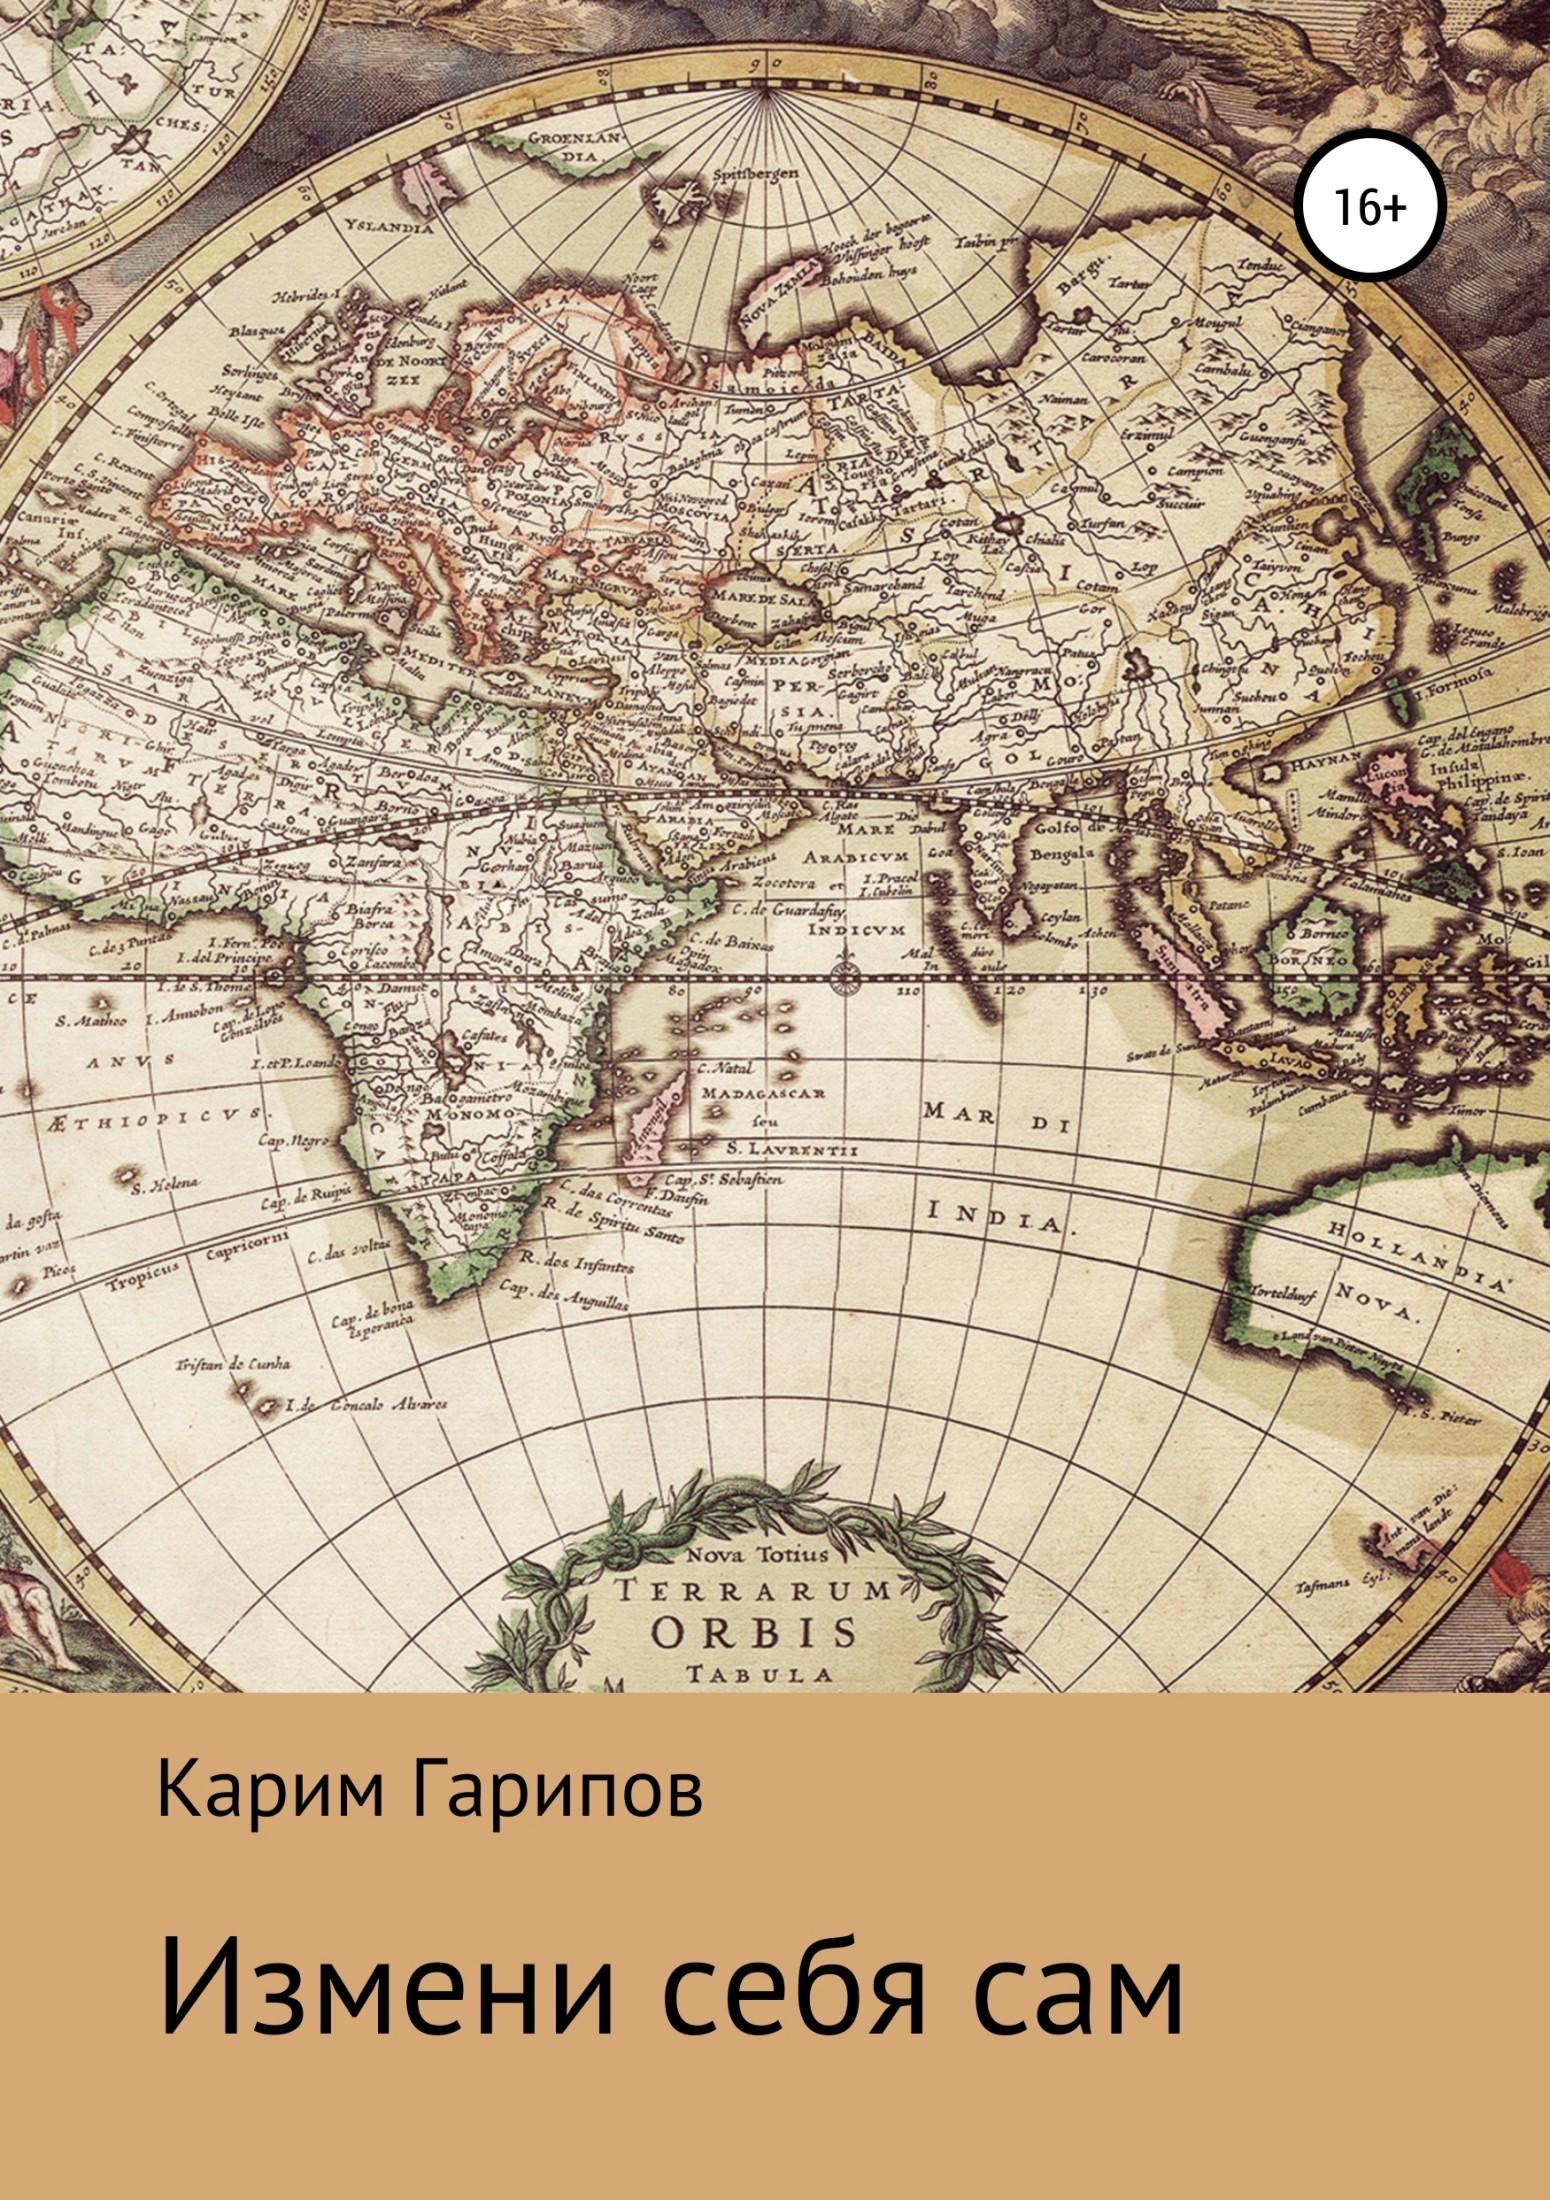 Карим Гарипов Измени себя сам александра черепанова главная книга для тех кто решил посвятить жизнь магии